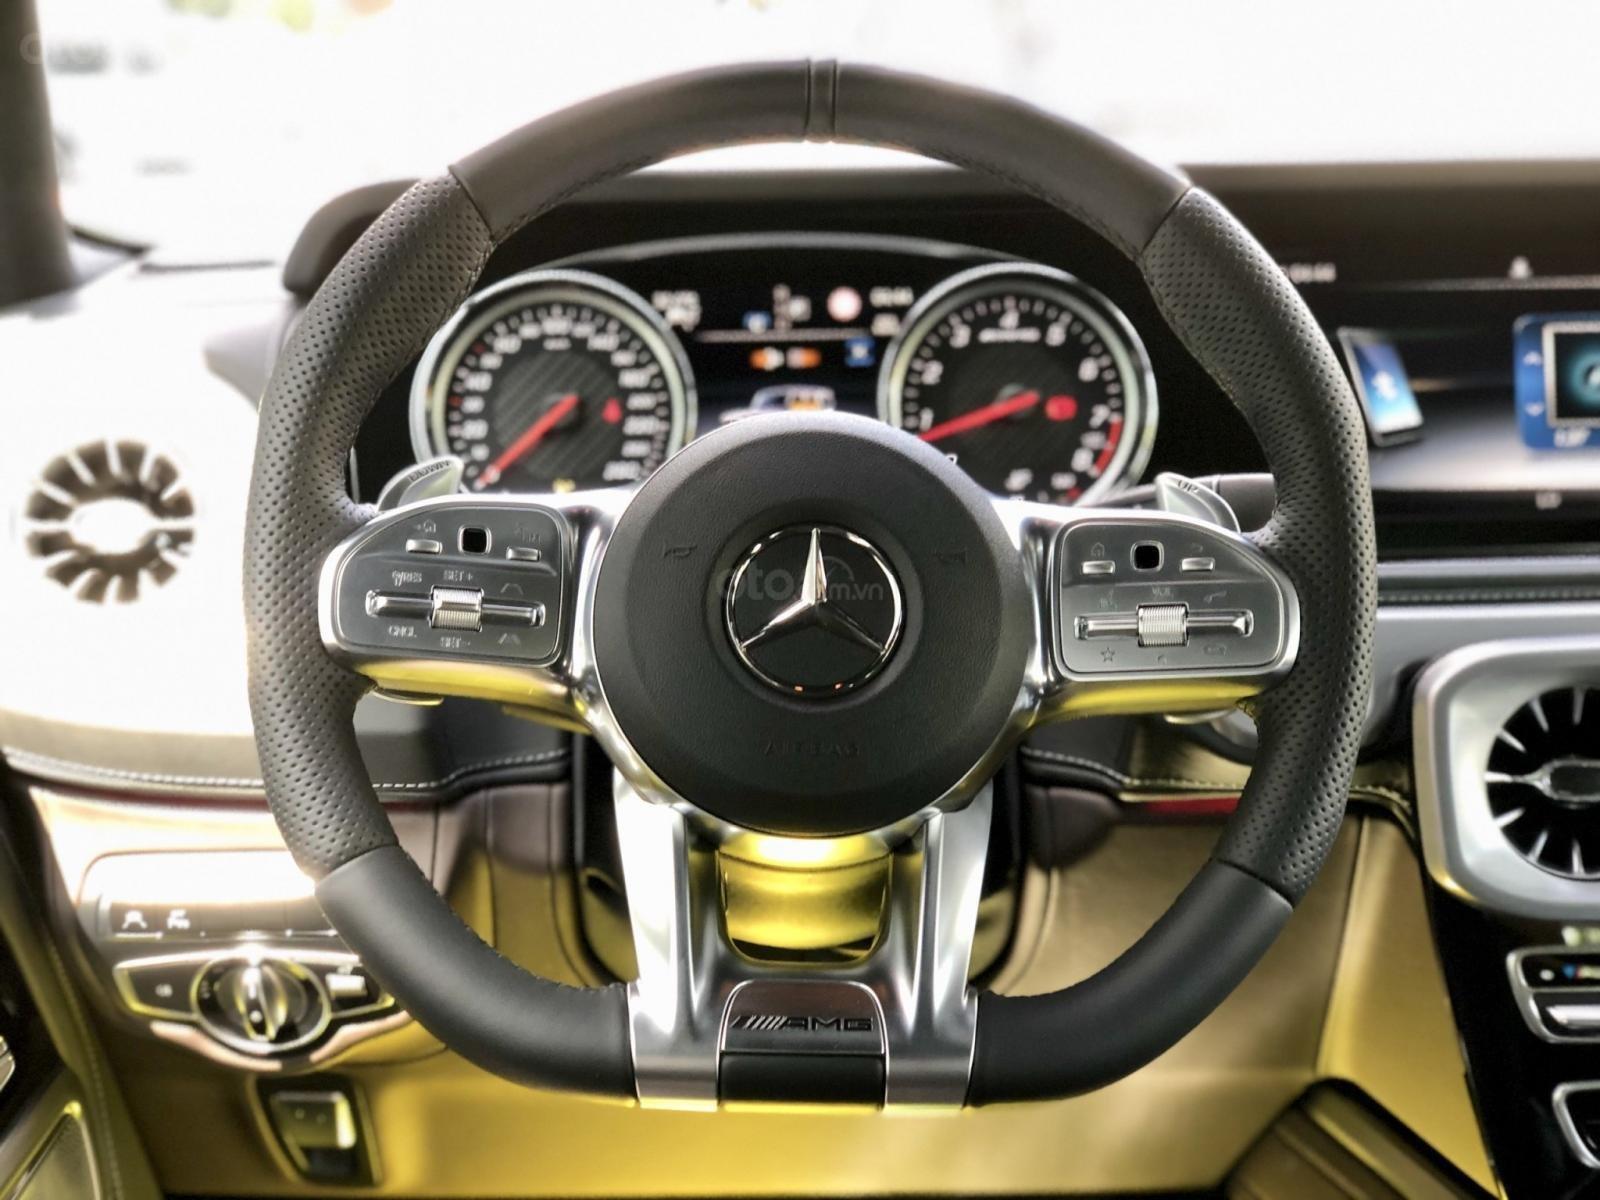 Bán xe Mercedes G63 AMG  2019, giá tốt, giao ngay toàn quốc. LH: 093.996.2368 Ms Ngọc Vy (14)